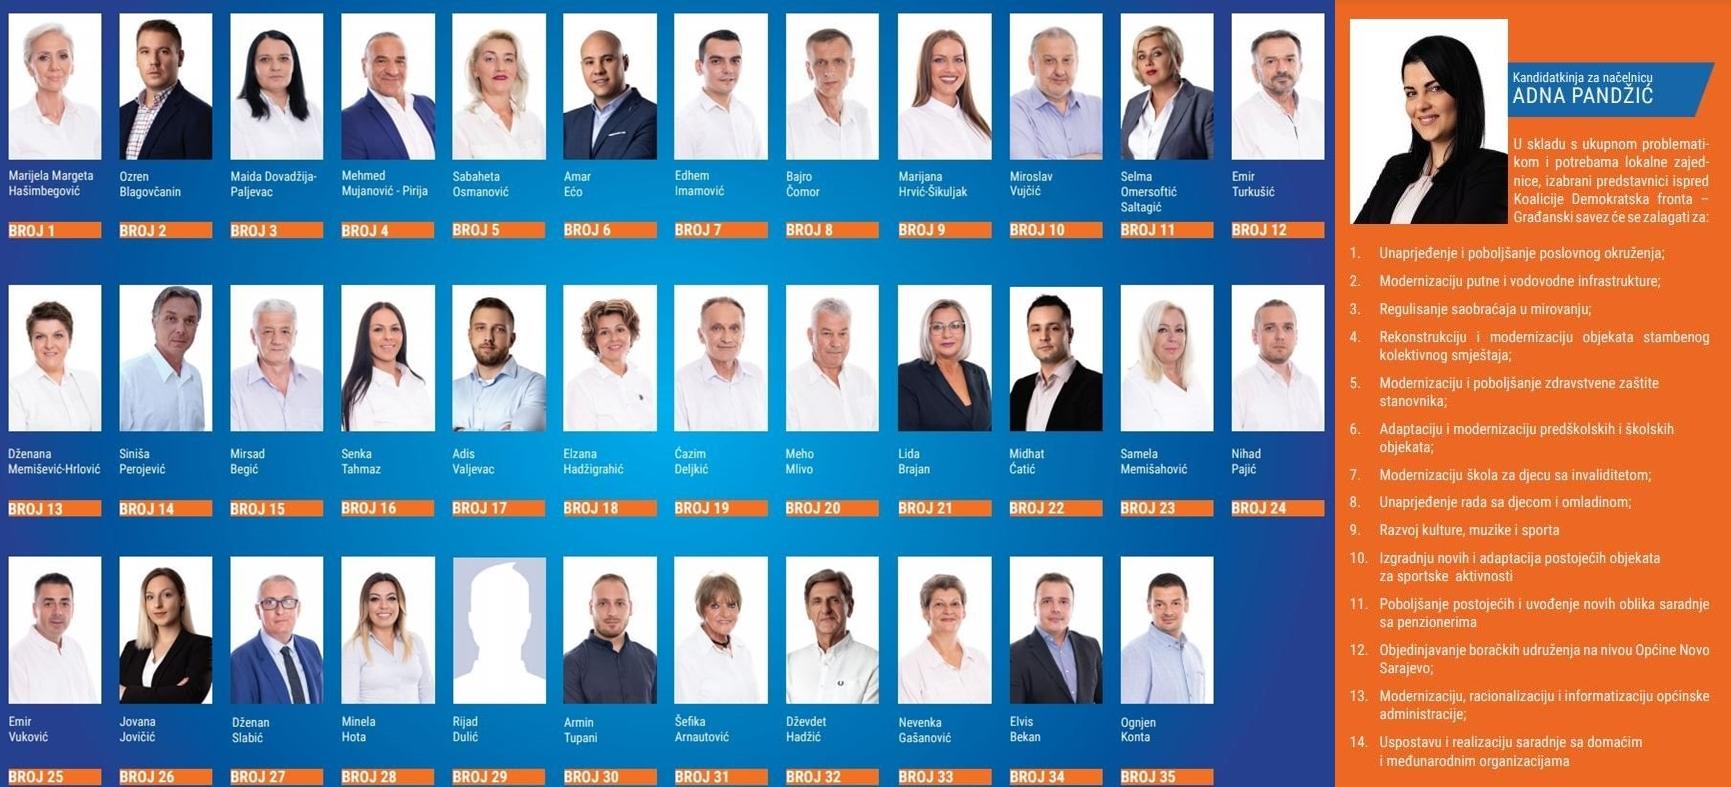 Koalicija DF-GS Novo Sarajevo: Mi imamo našu kandidatkinju, informacije o podršci drugim kandidatima su samo špekulacije